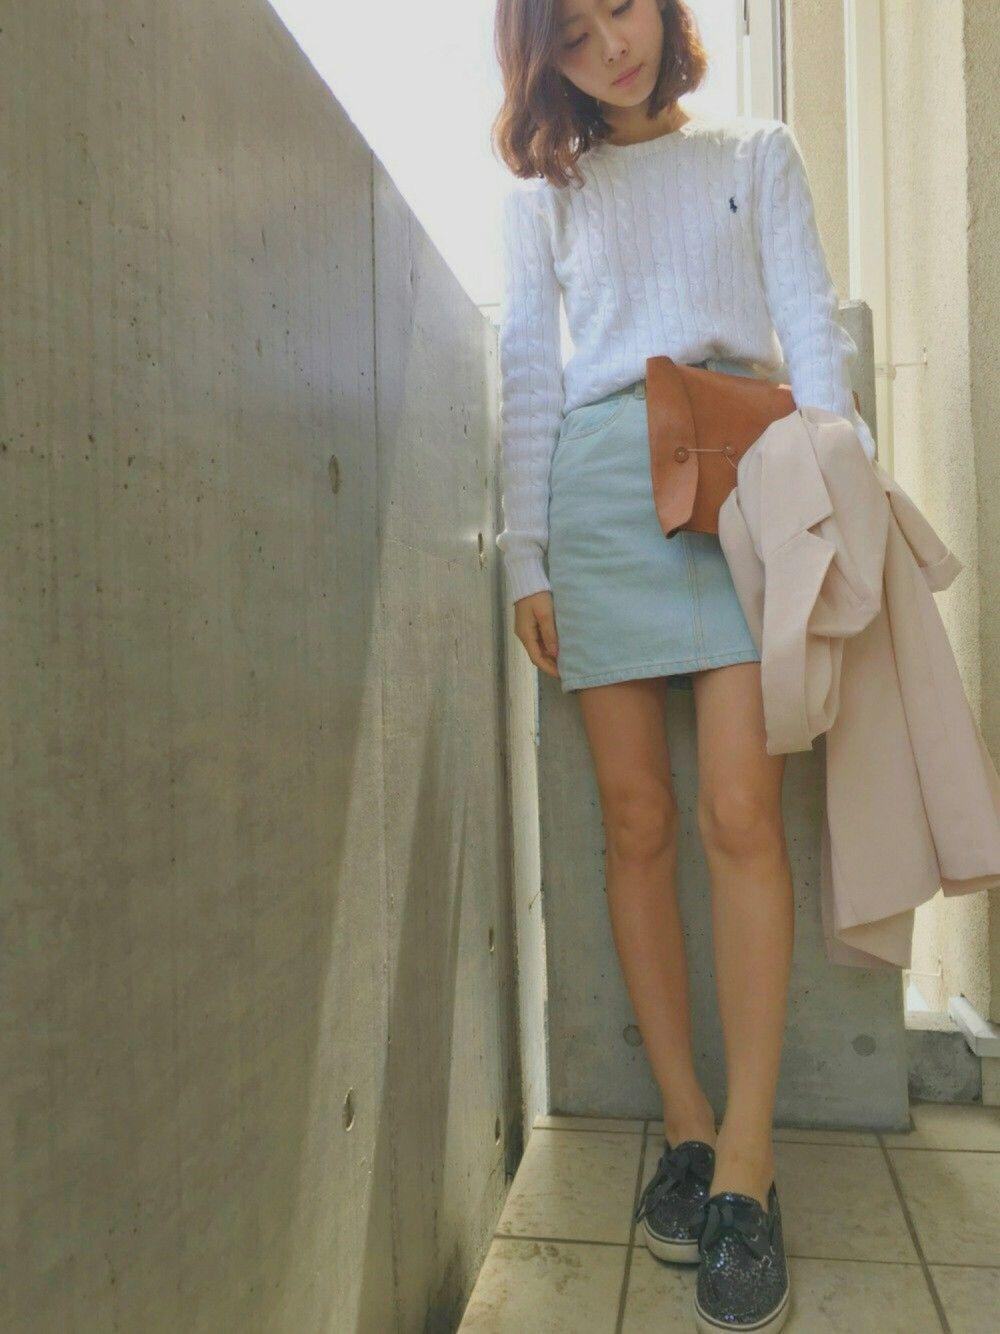 白のデニムスカートは春にピッタリ♡スカートが白なので、トップスには柄物がベスト◎春先まで使えるチェックシャツがおすすめですよ。春コーデを叶える魔法のアイテム  ...